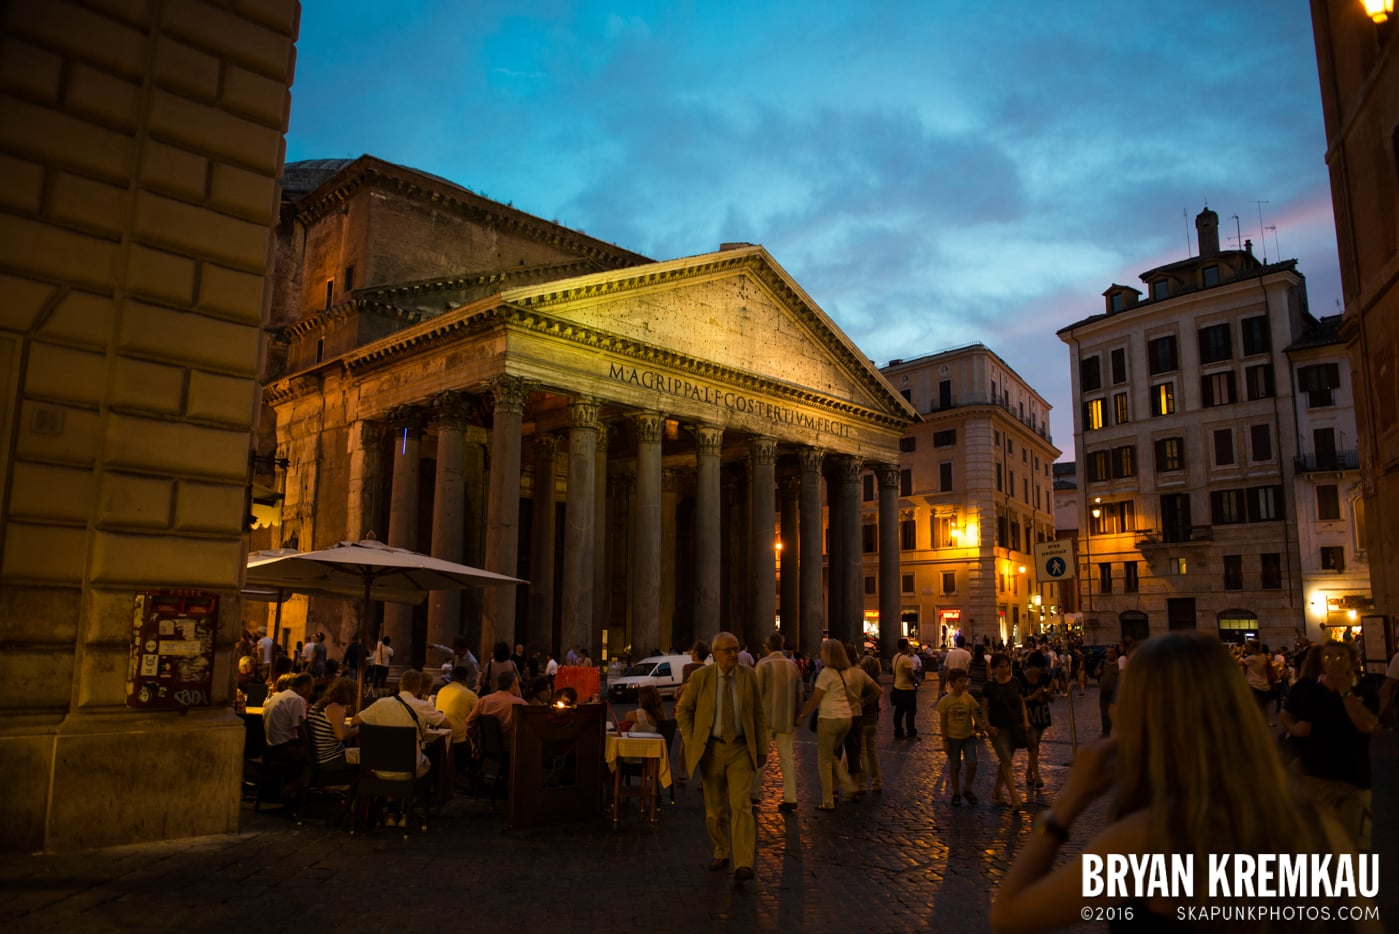 Italy Vacation - Day 1: Rome - 9.9.13 (27)